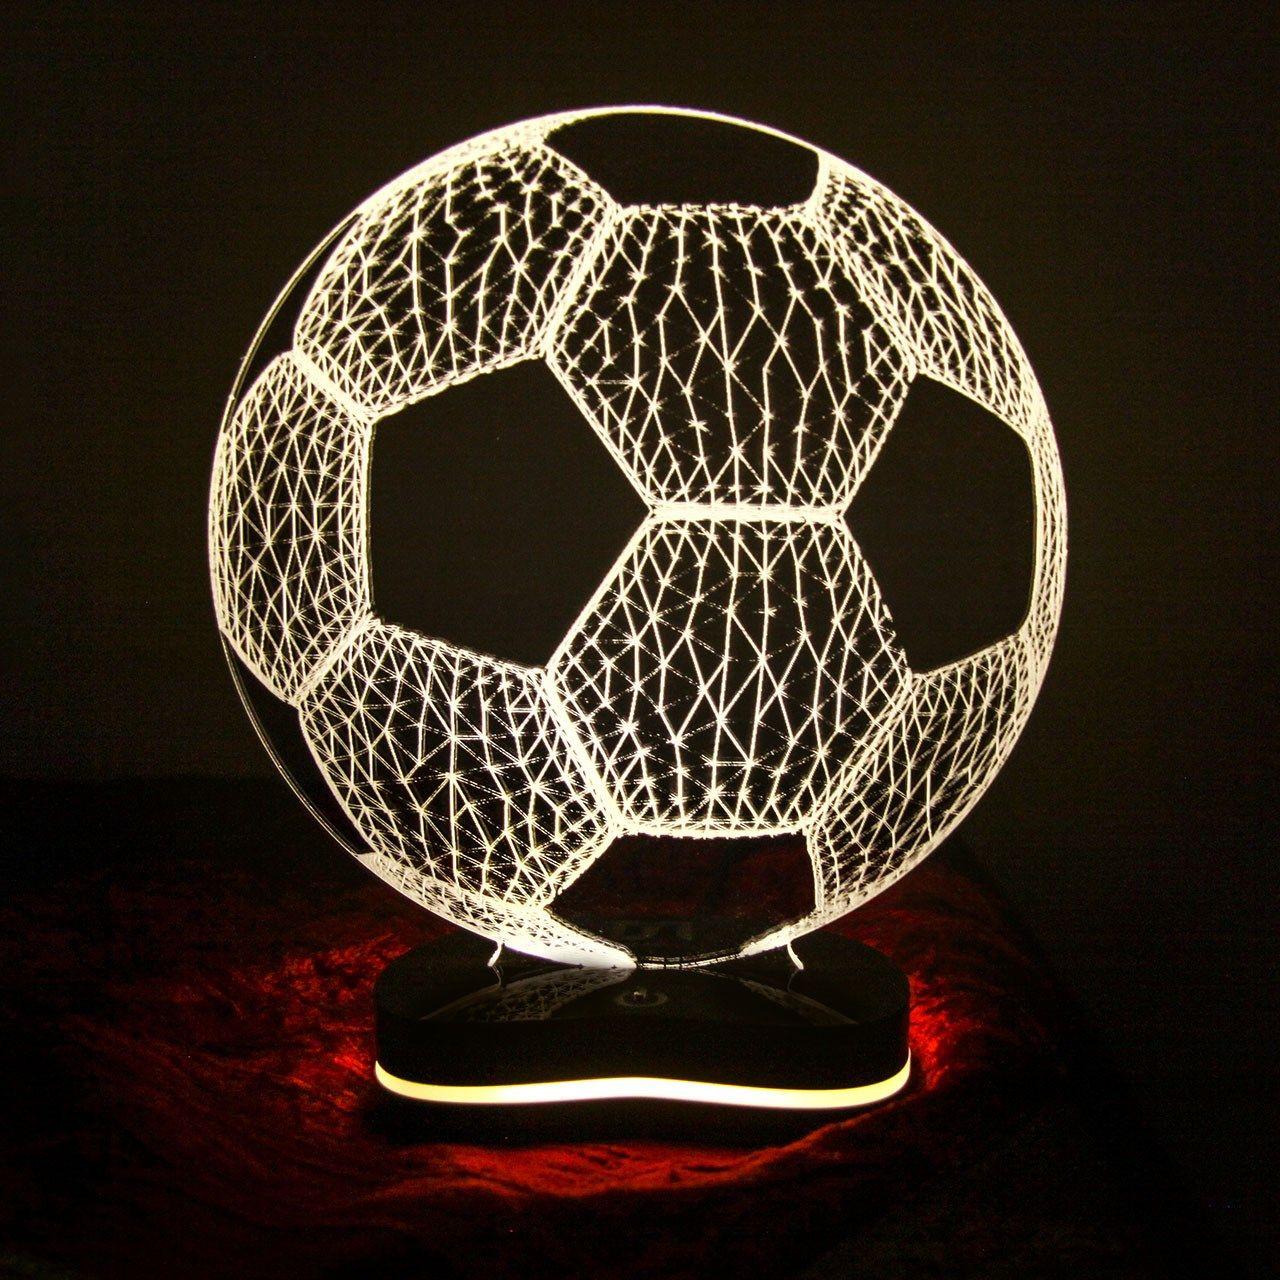 چراغ خواب سه بعدی گالری دکوماس طرح توپ فوتبال کد DMS151